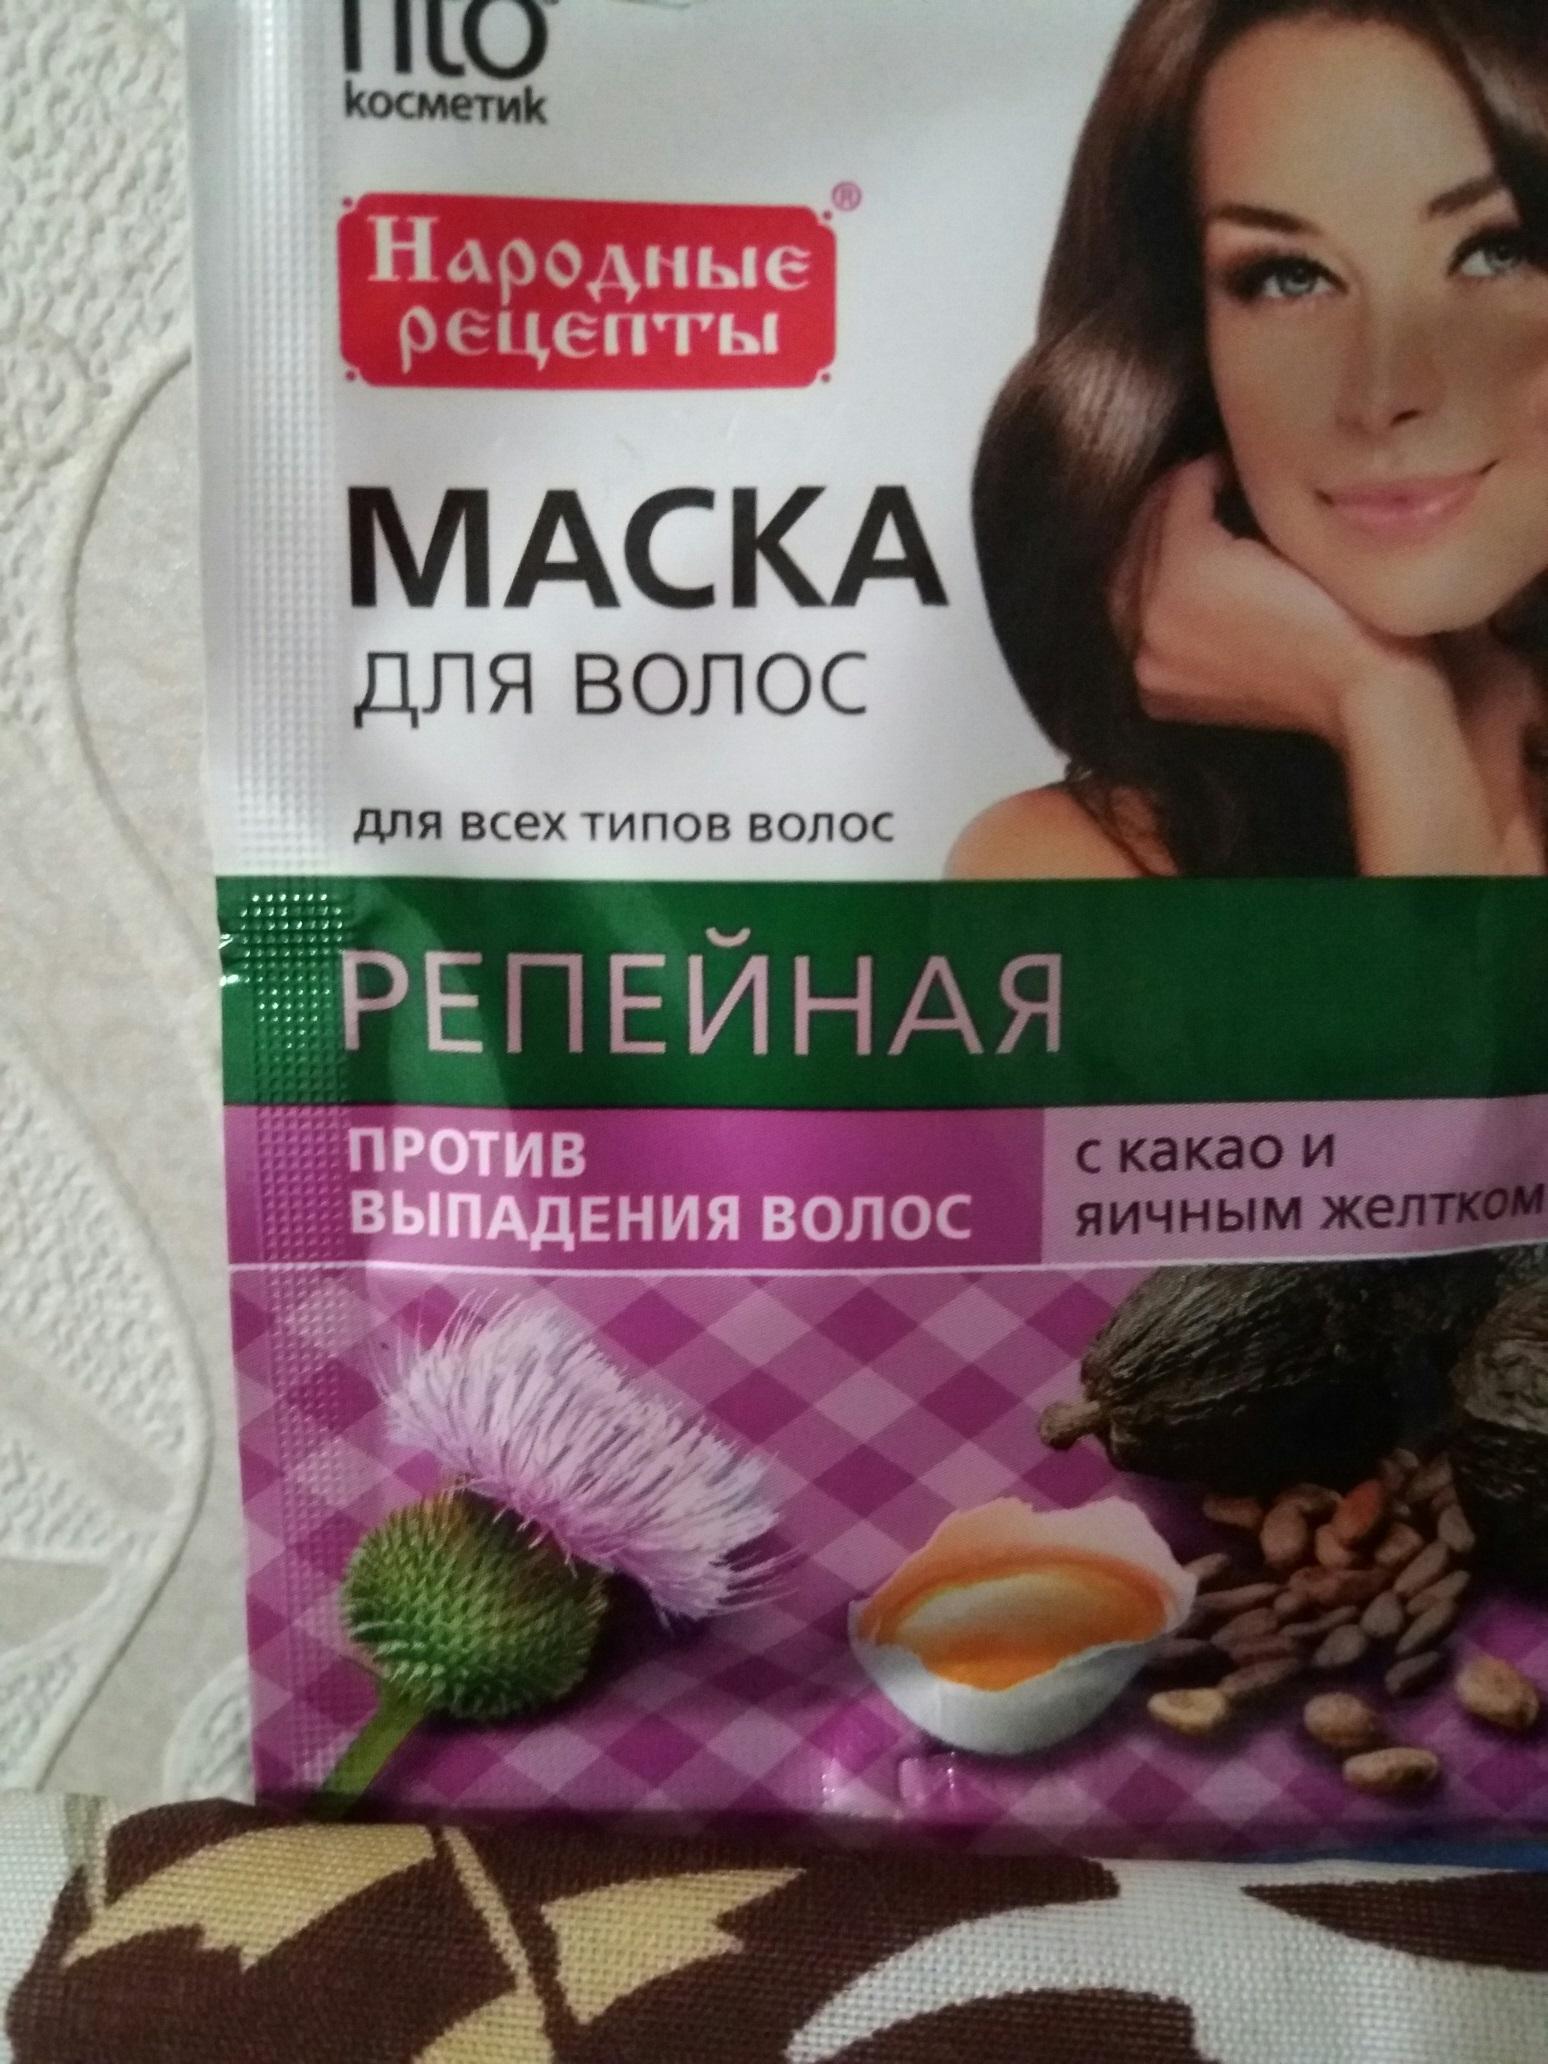 Фитокосметик народные рецепты маска для волос репейная отзывы